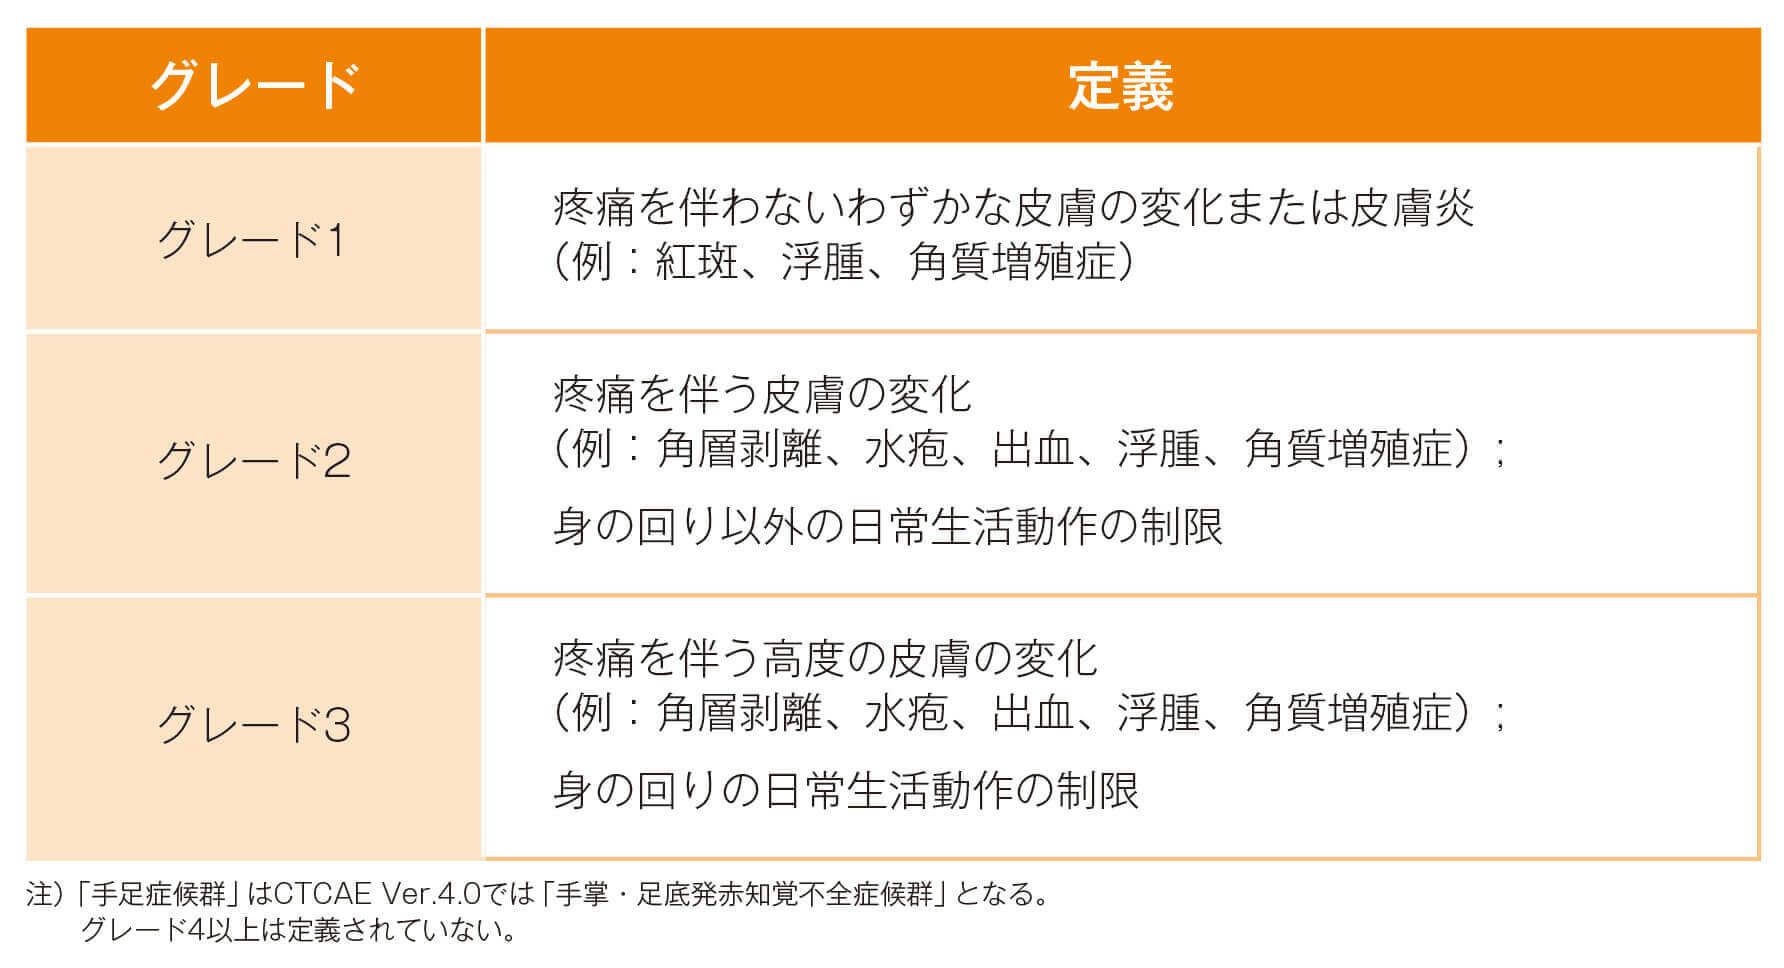 手足症候群のグレード(CTCAE Ver.4.0より抜粋)